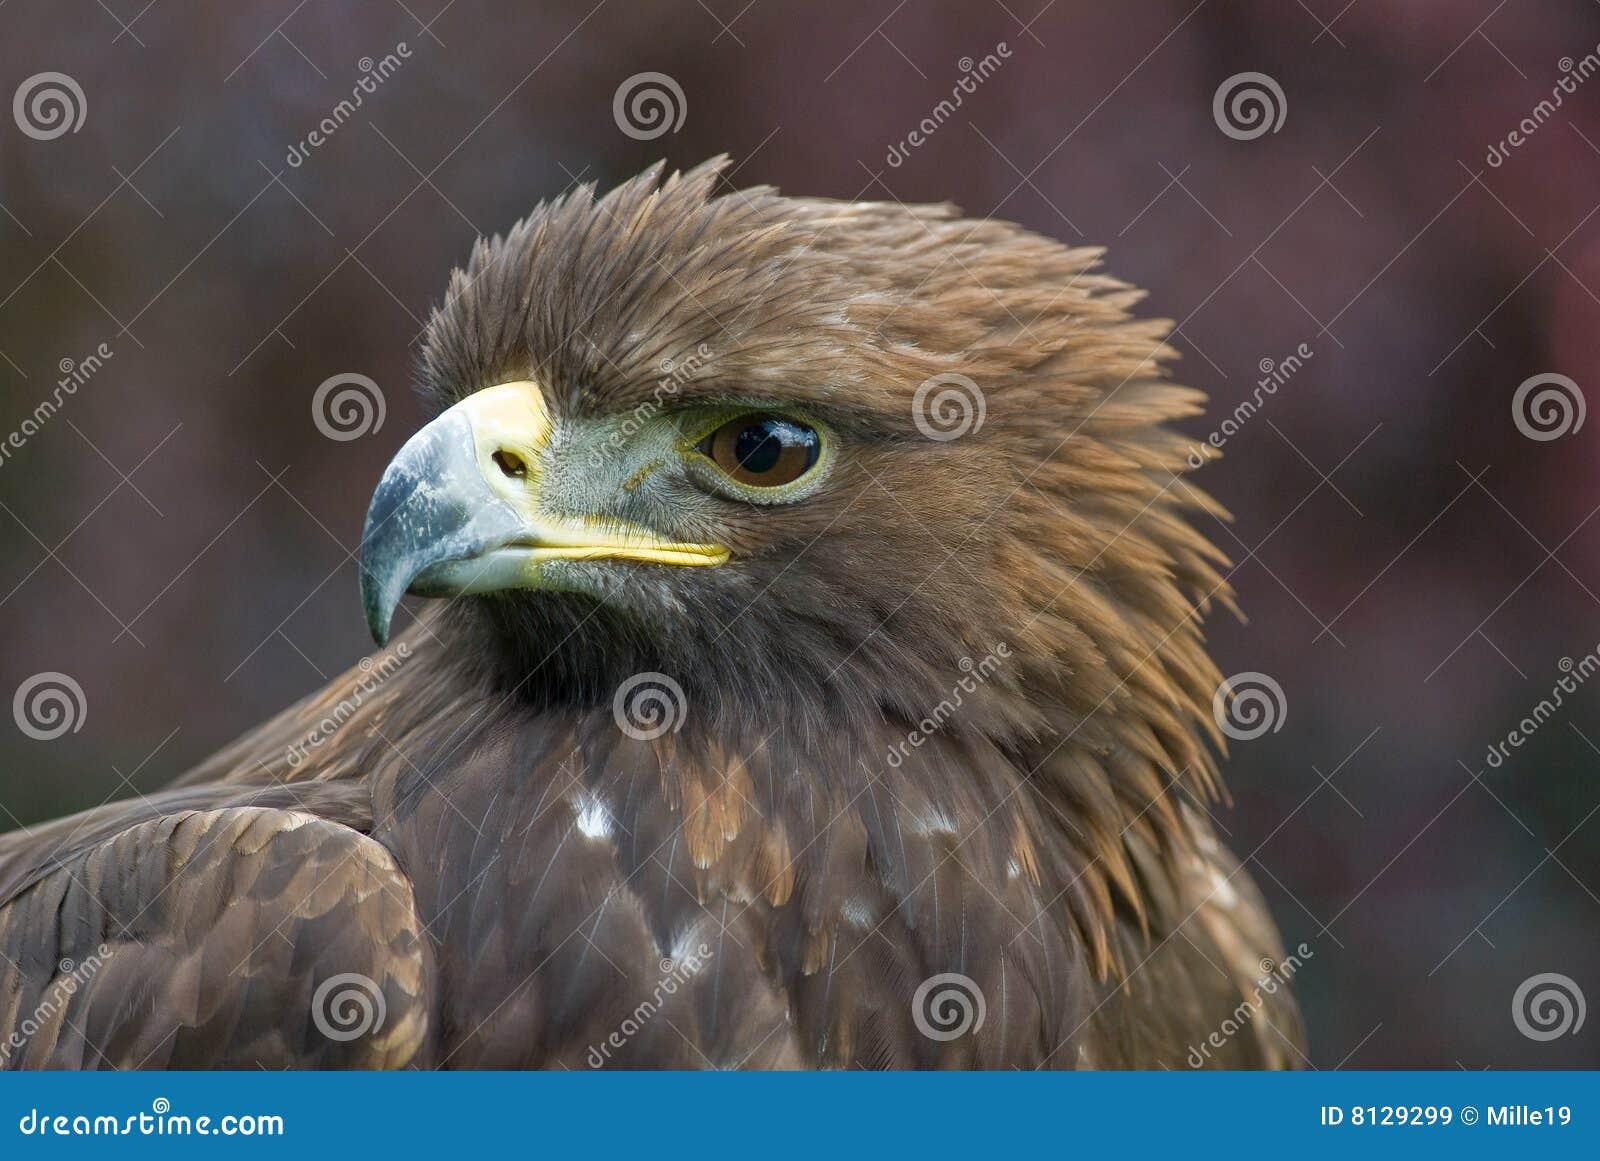 Retrato da águia dourada